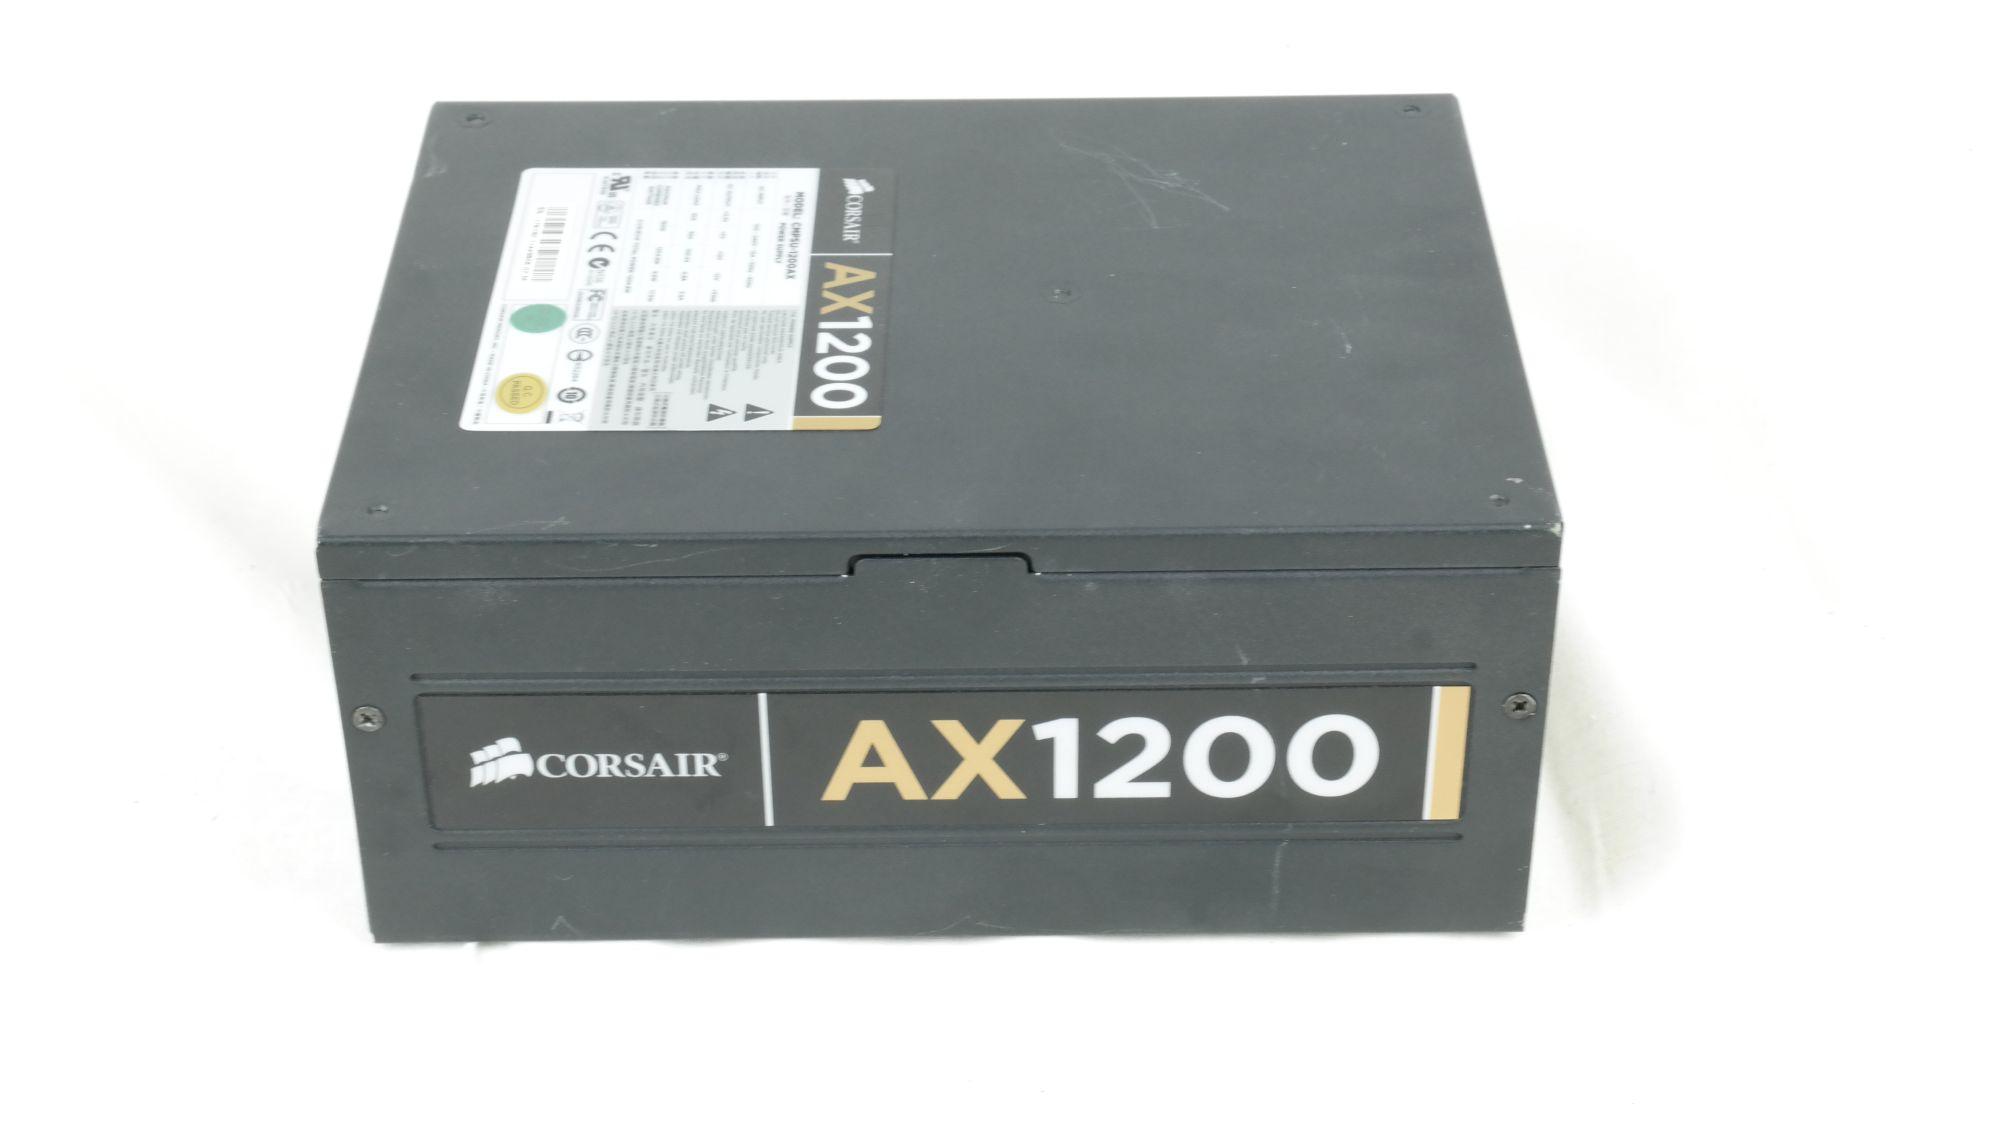 Corsair_AX1200_009